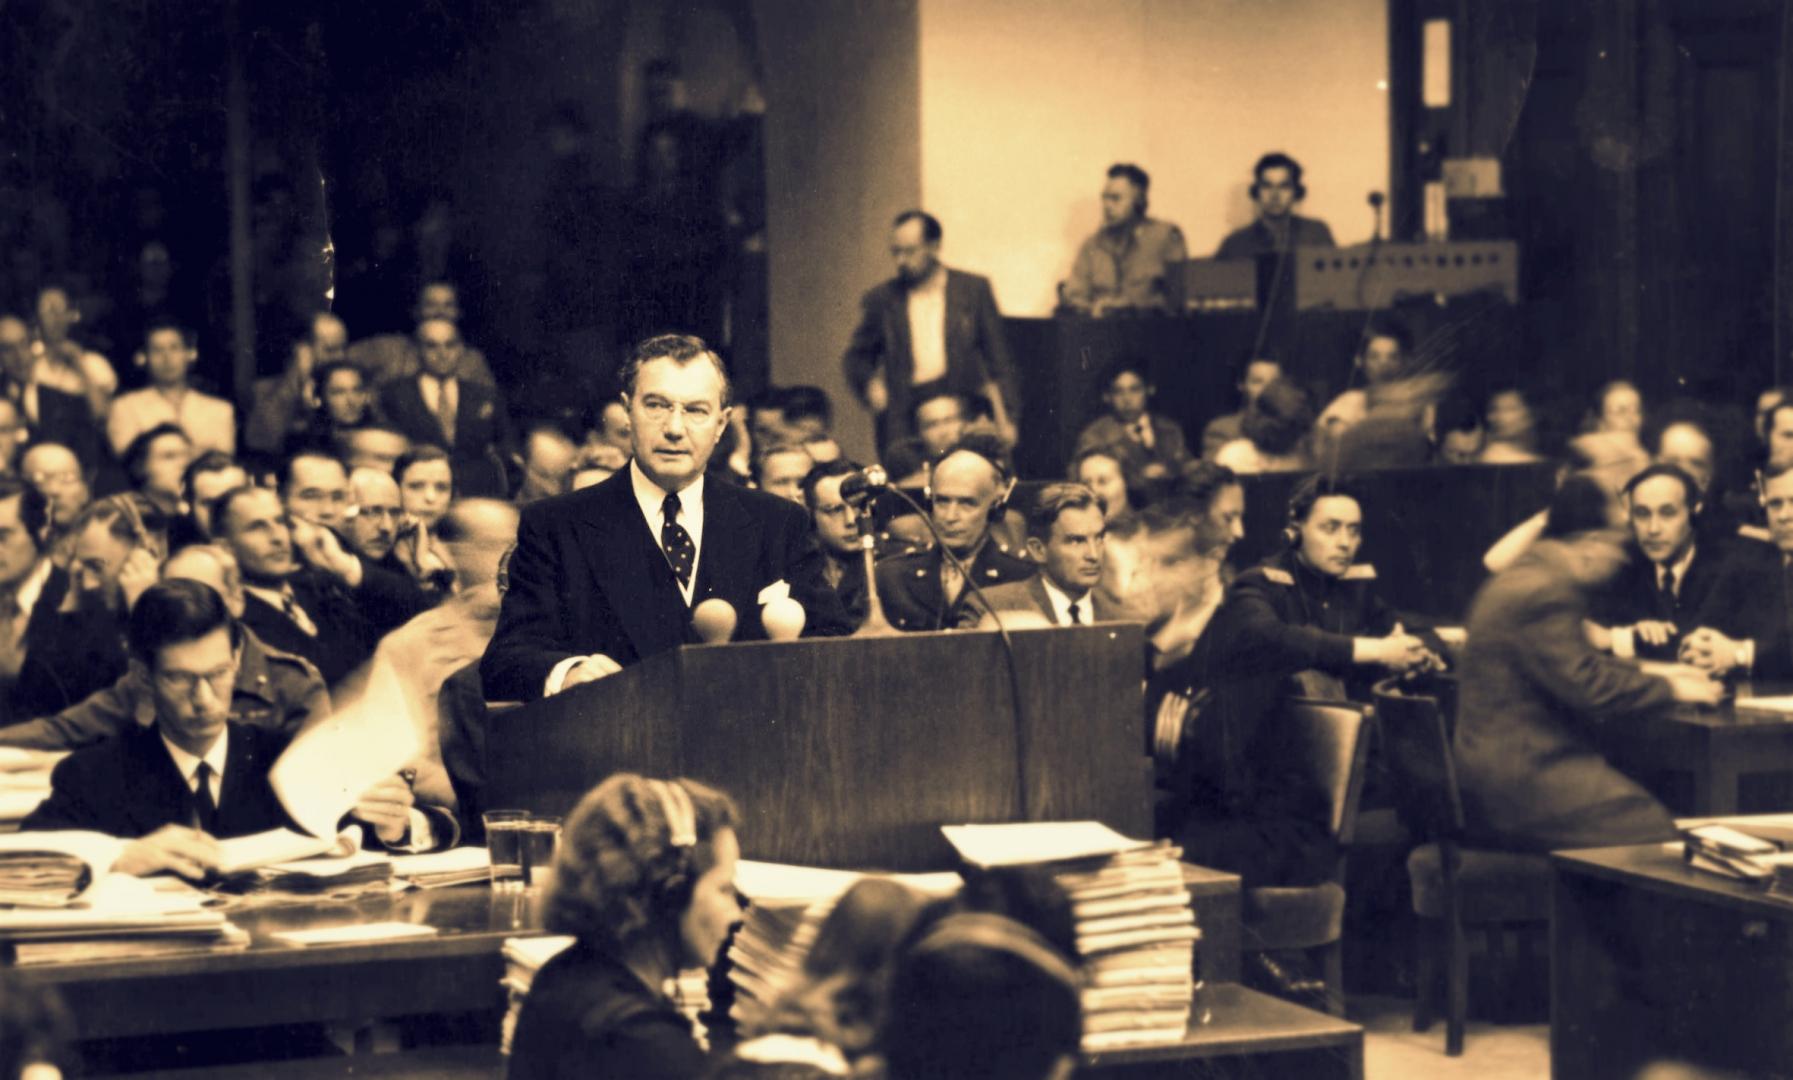 Судья Верховного суда США Роберт Х. Джексон  — главный обвинитель от Штатов. Нюрнбергский процесс 21 ноября 1945 г